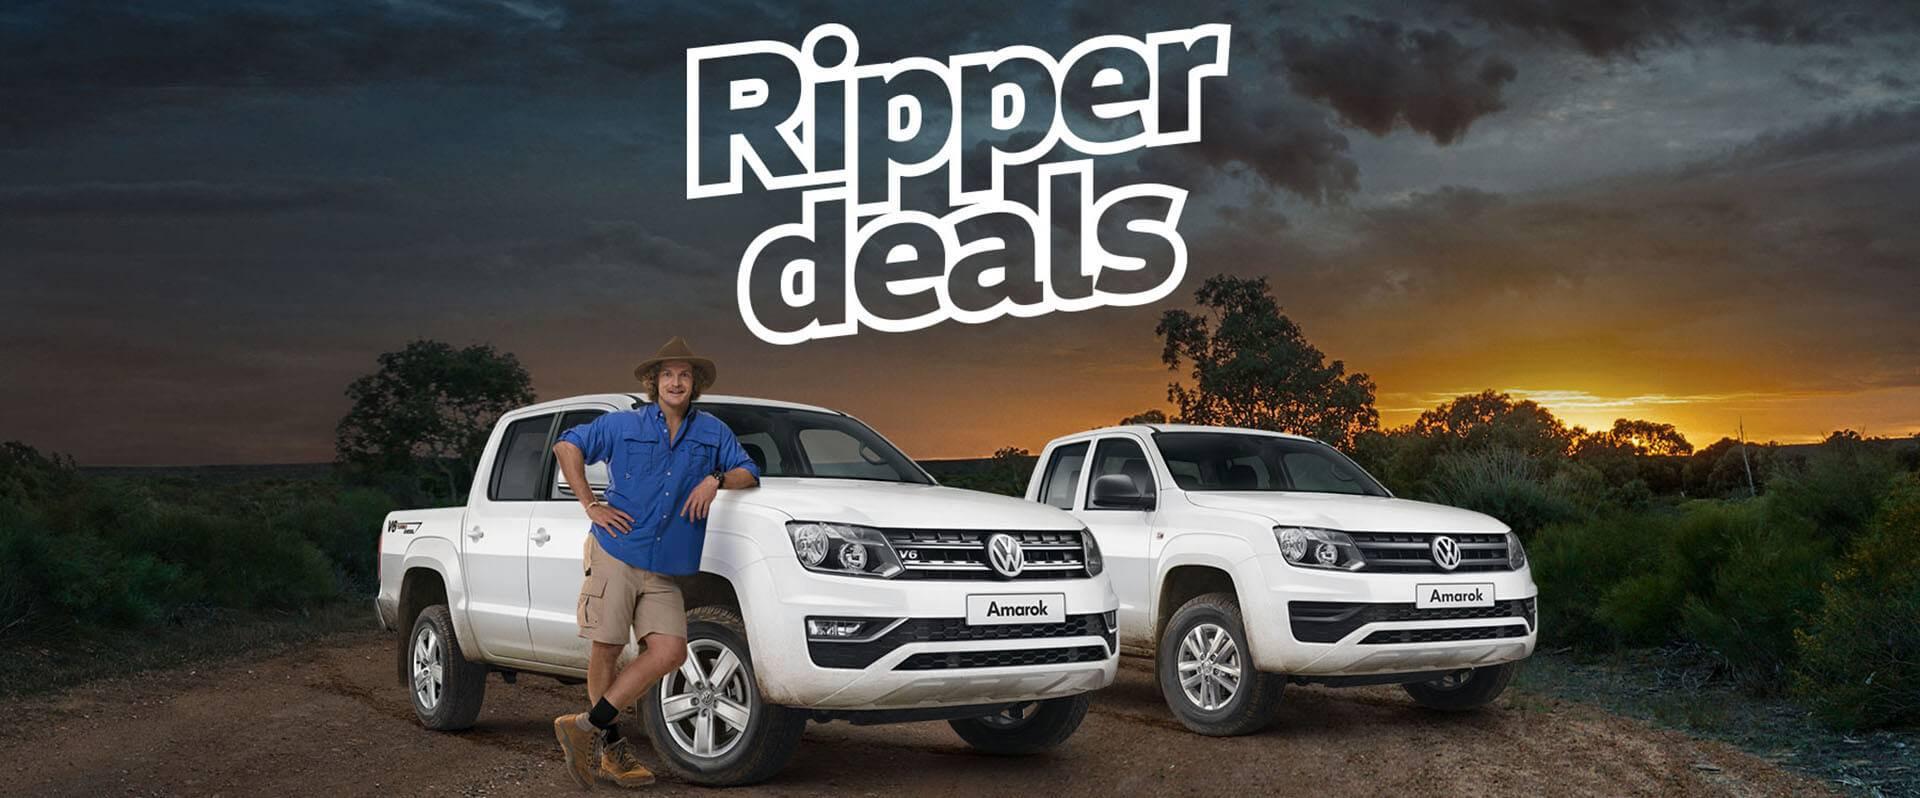 Volkswagen Ripper Deals